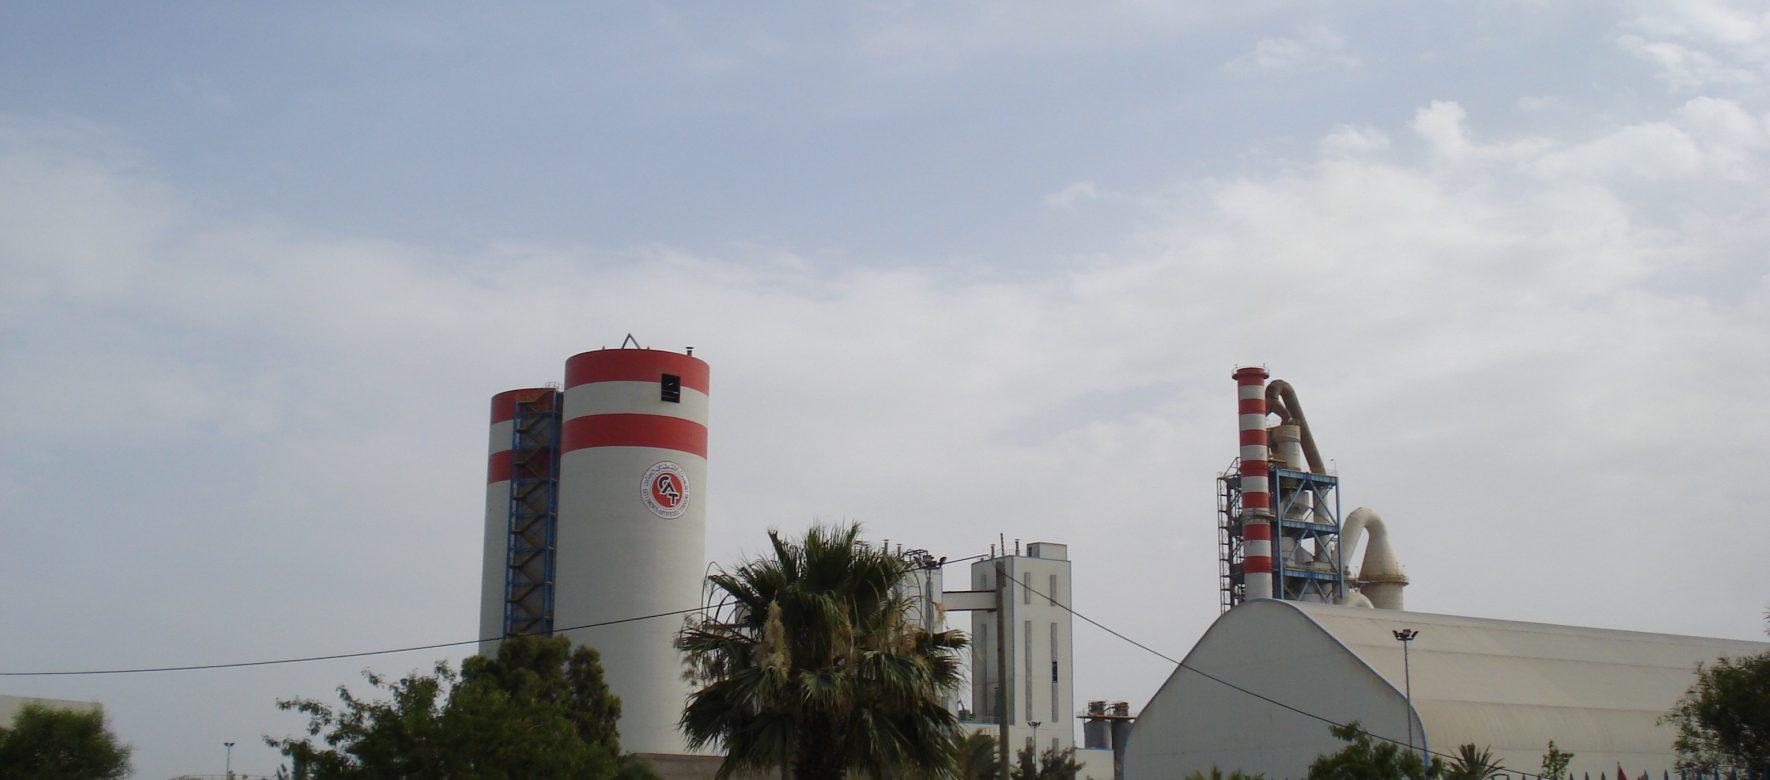 La Tunisie voit une chute de l'investissement dans son industrie avec -16,9%